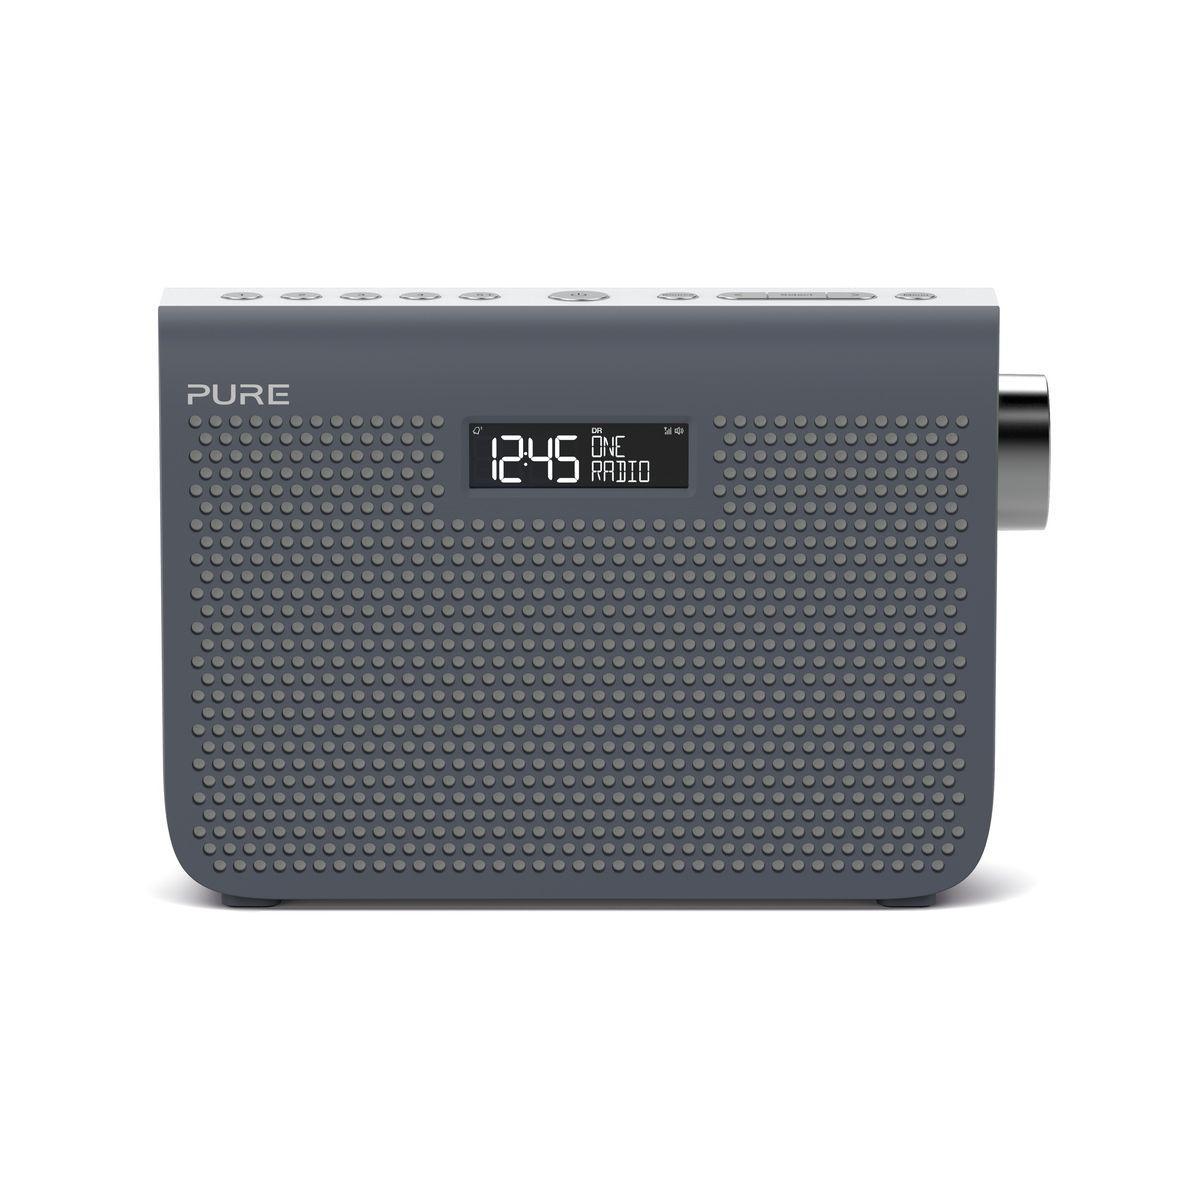 Radio num�rique pure one midi, s3s marine - livraison offerte : code premium